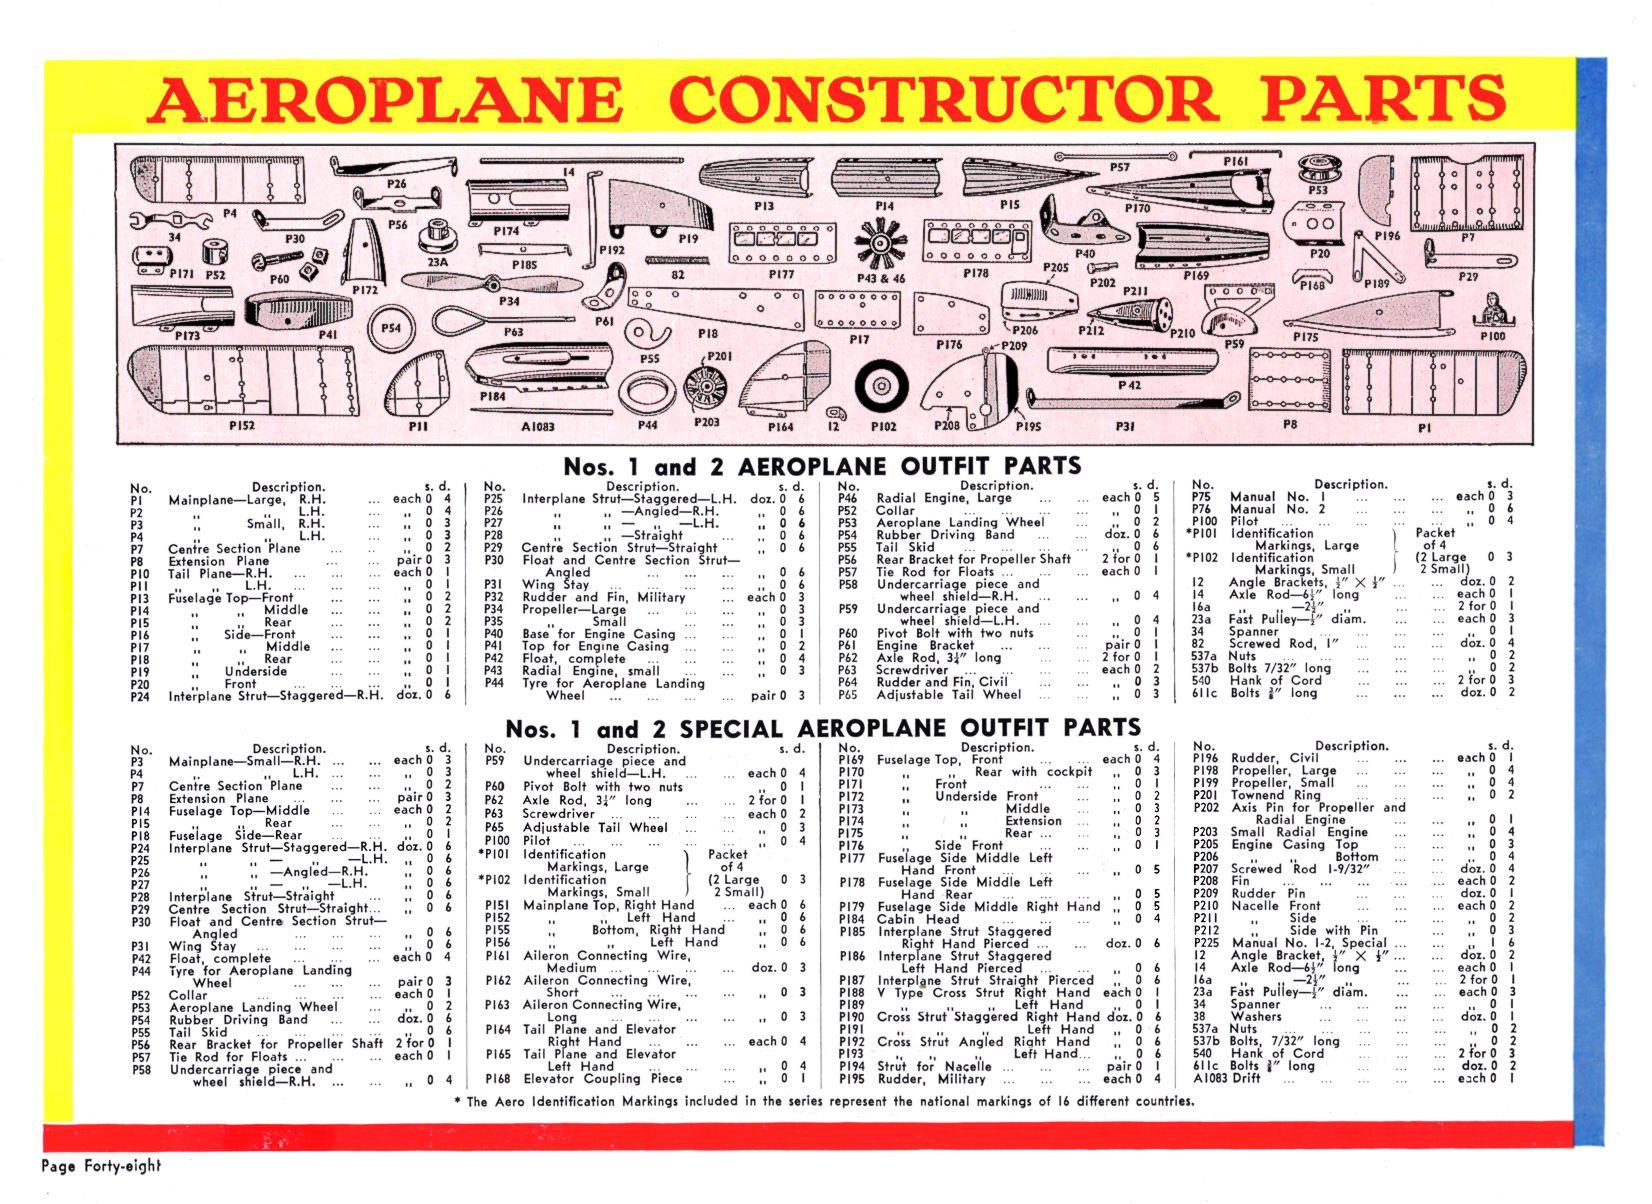 aeroplane constructor parts